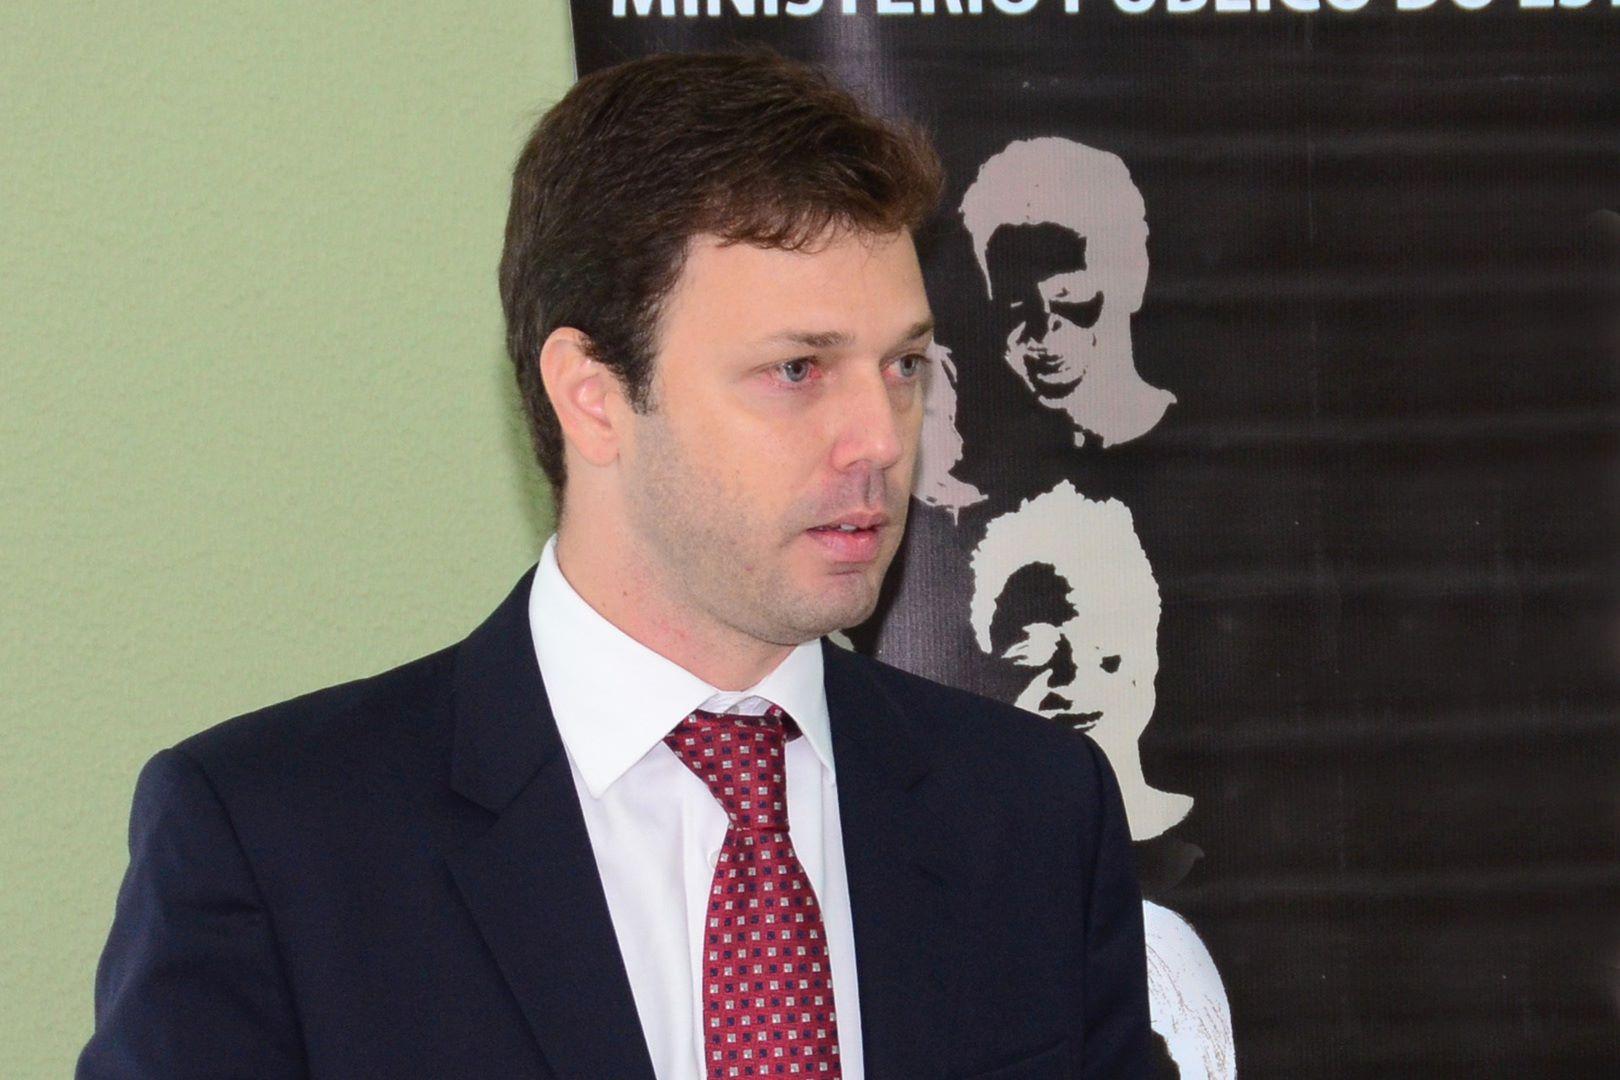 José Carlos Nery assume comando da Associação do Ministério Público na sexta